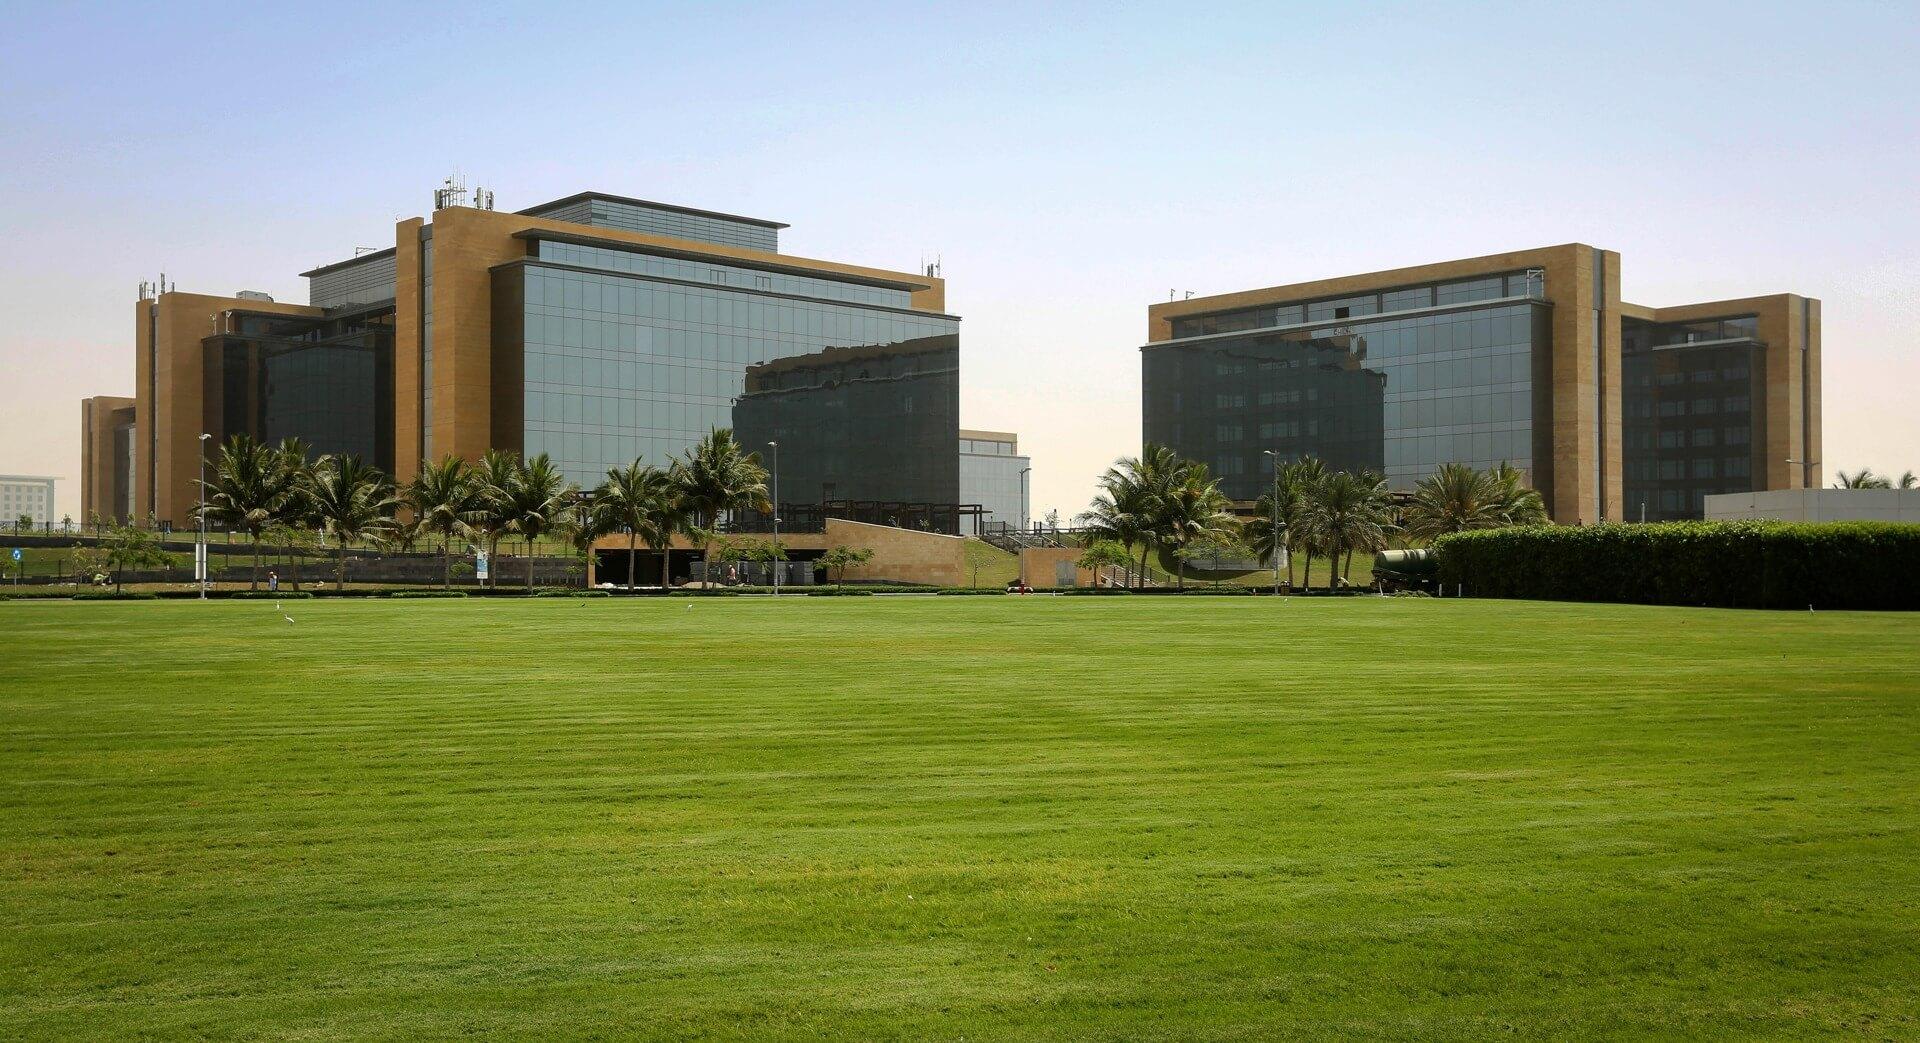 مجمع الأعمال باي فيوزوالمساحات الخضراء - مدينة الملك عبدالله الاقتصادية